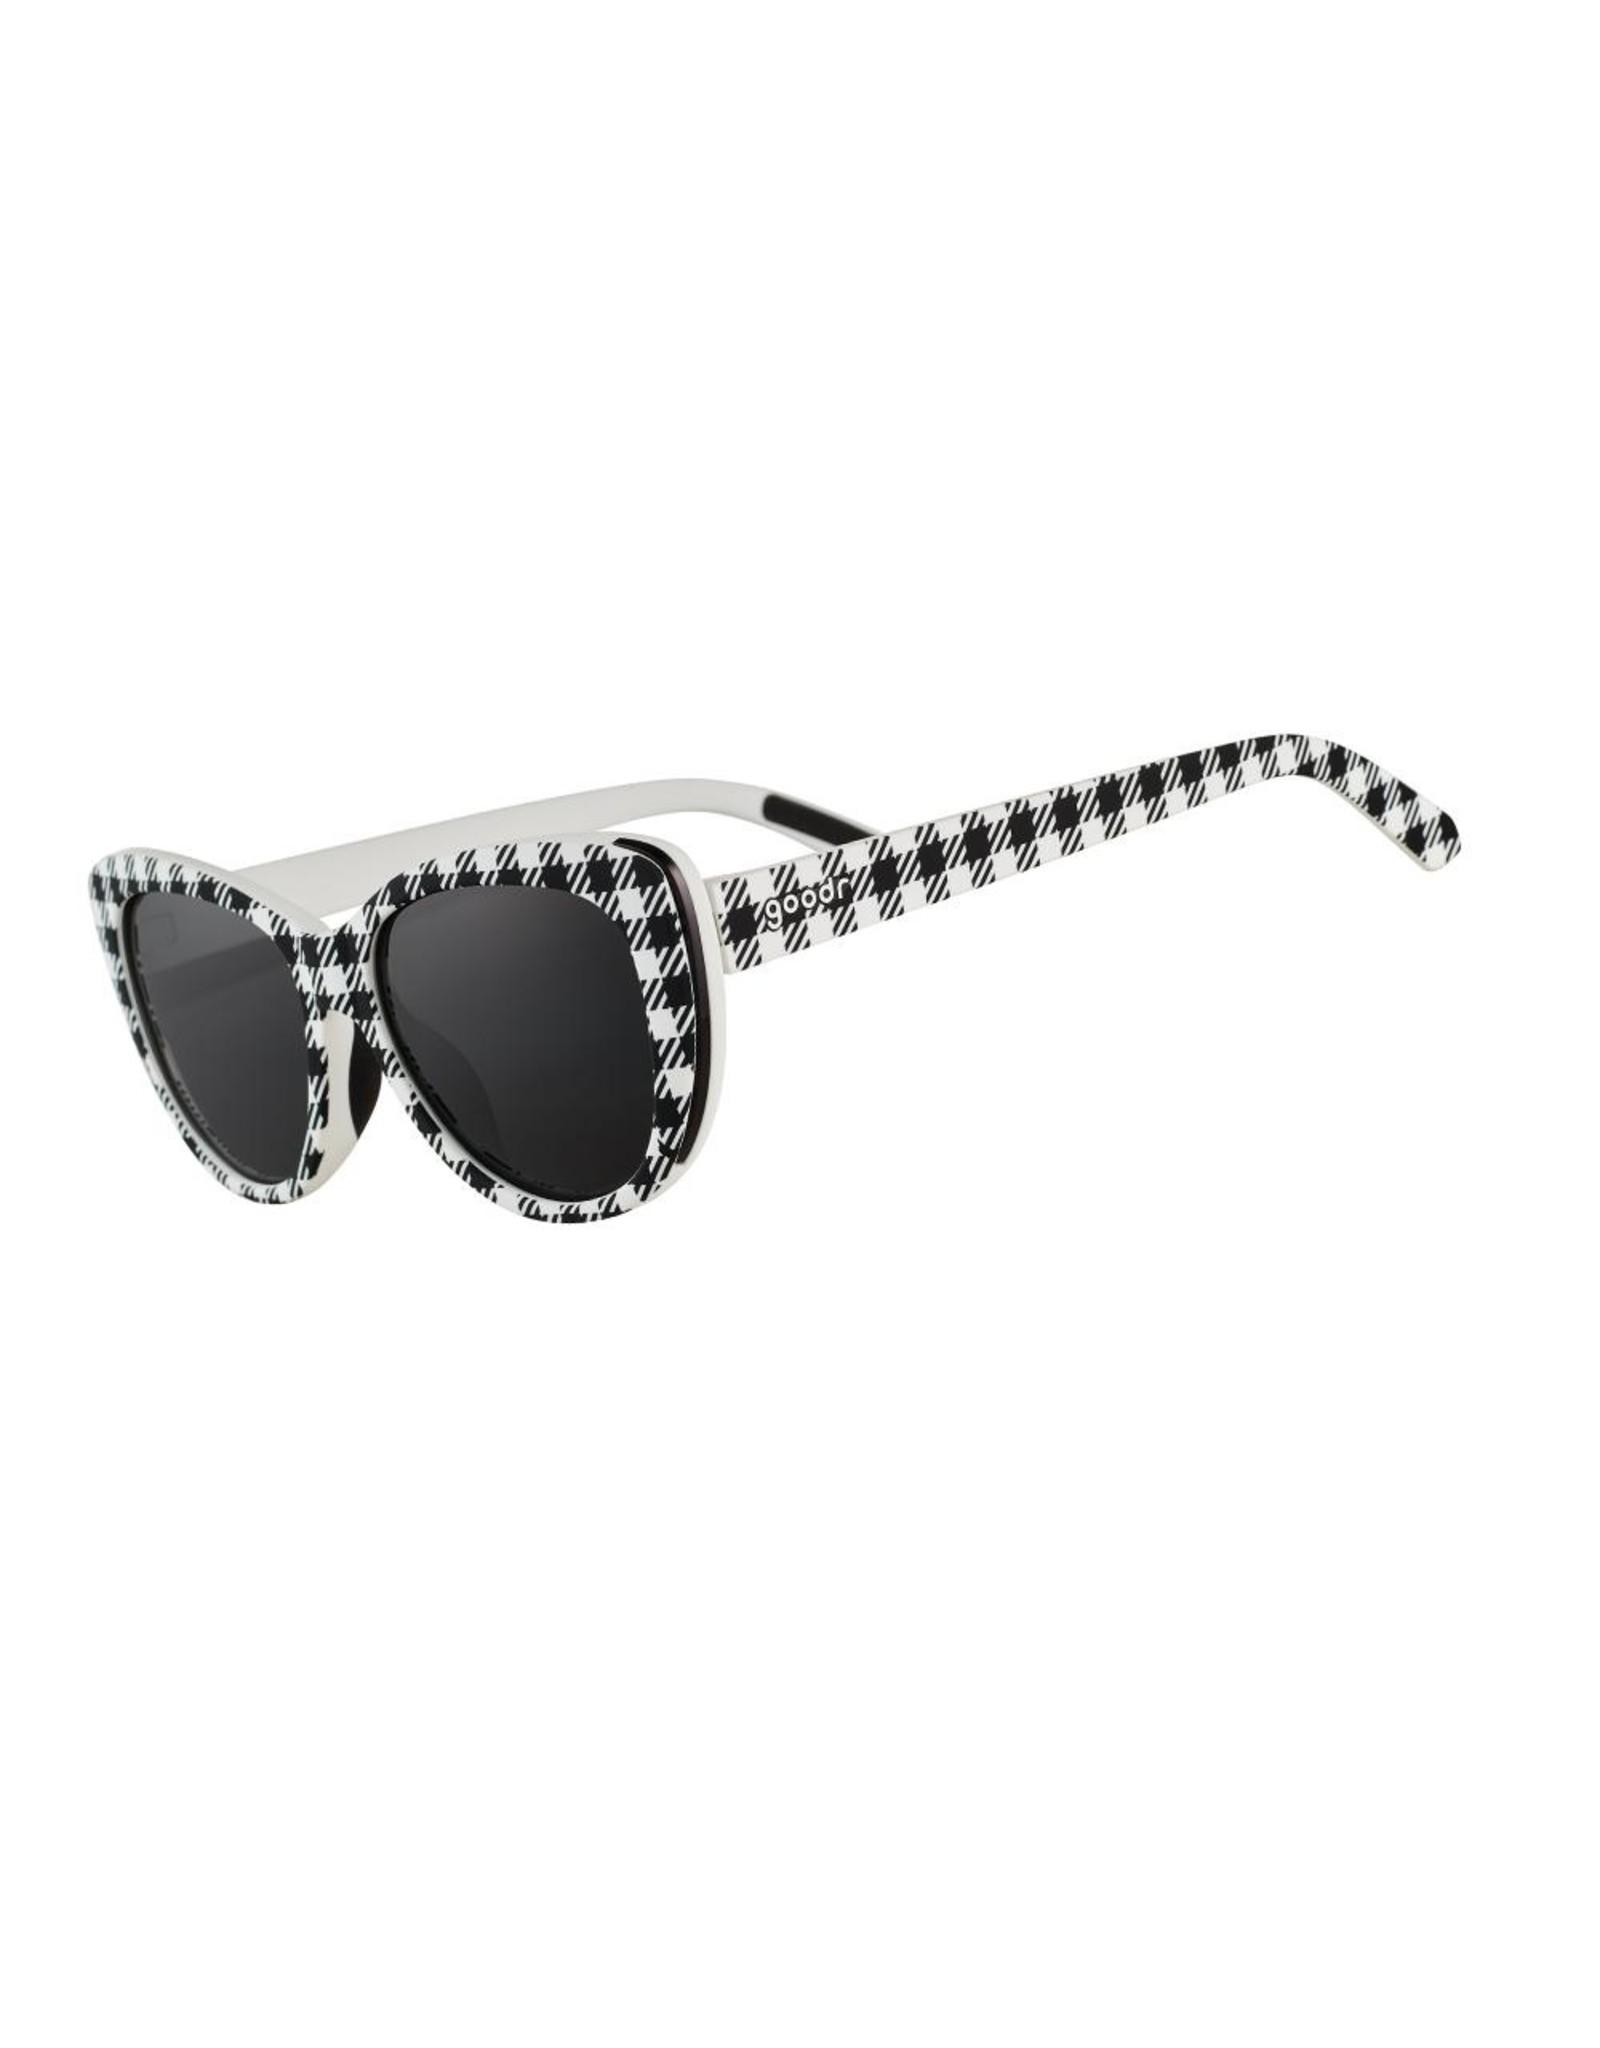 Goodr Goodr Runway Sunglasses